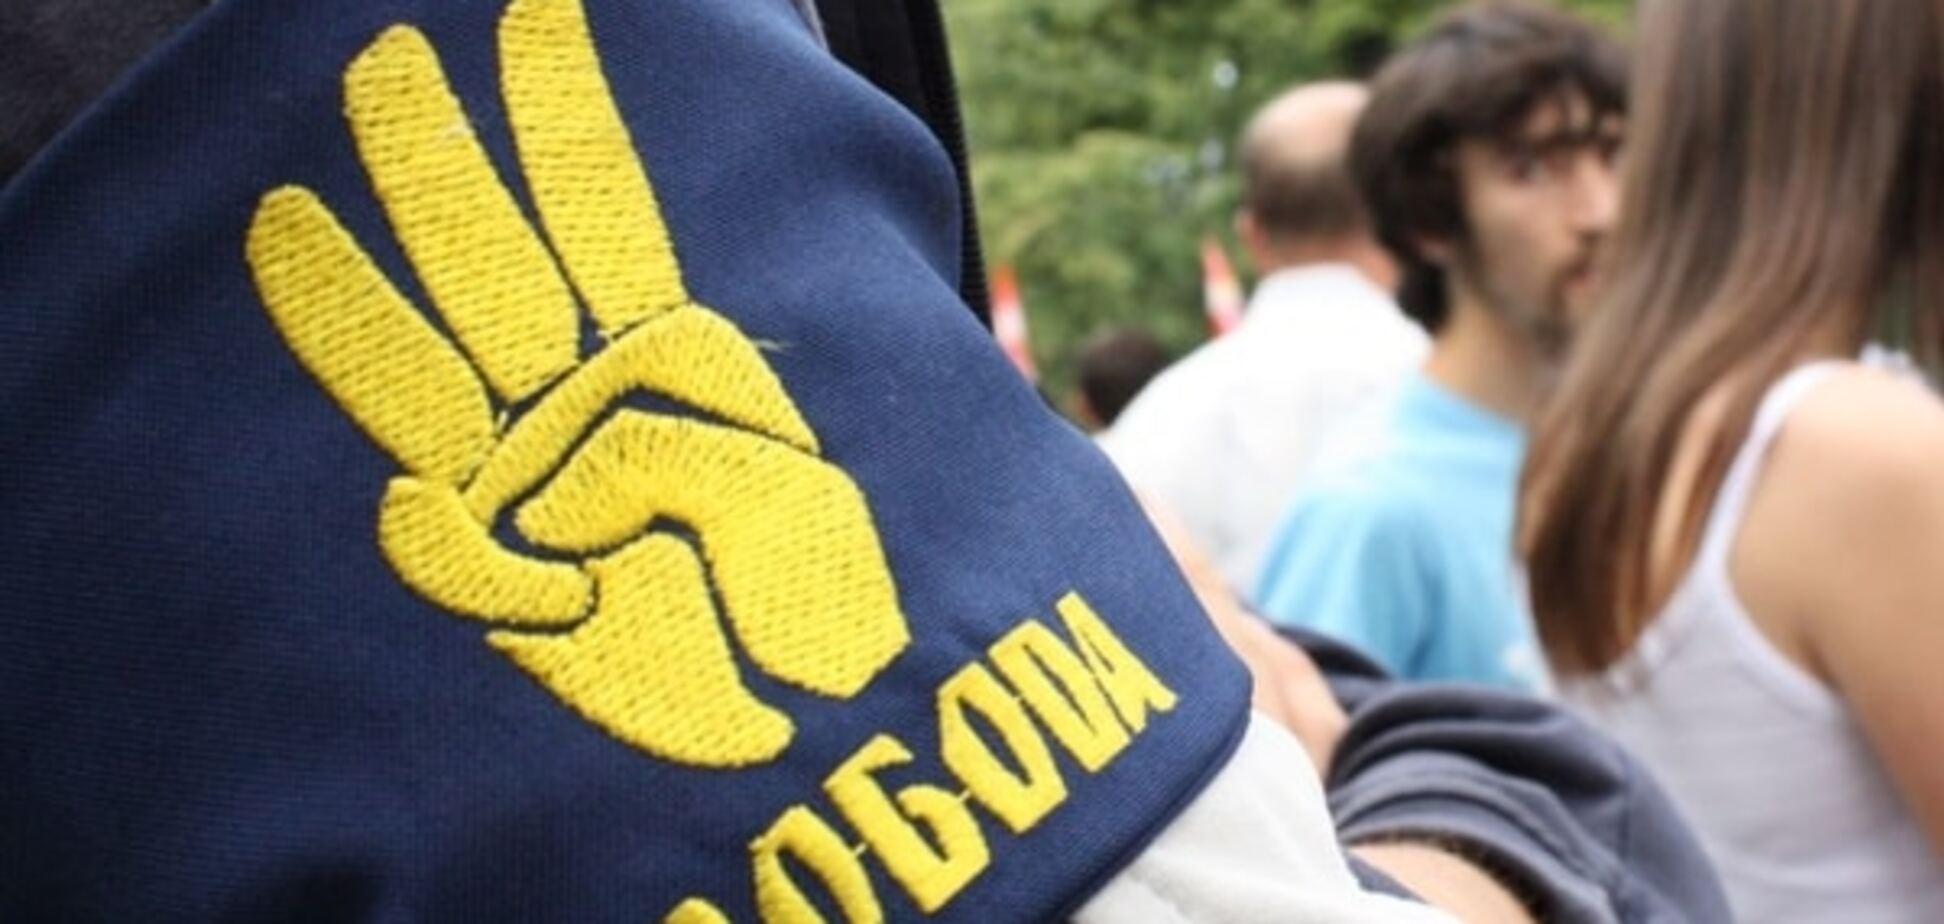 ГПУ запідозрила 'свободівців' у розстрілах Небесної сотні: опубліковані документи